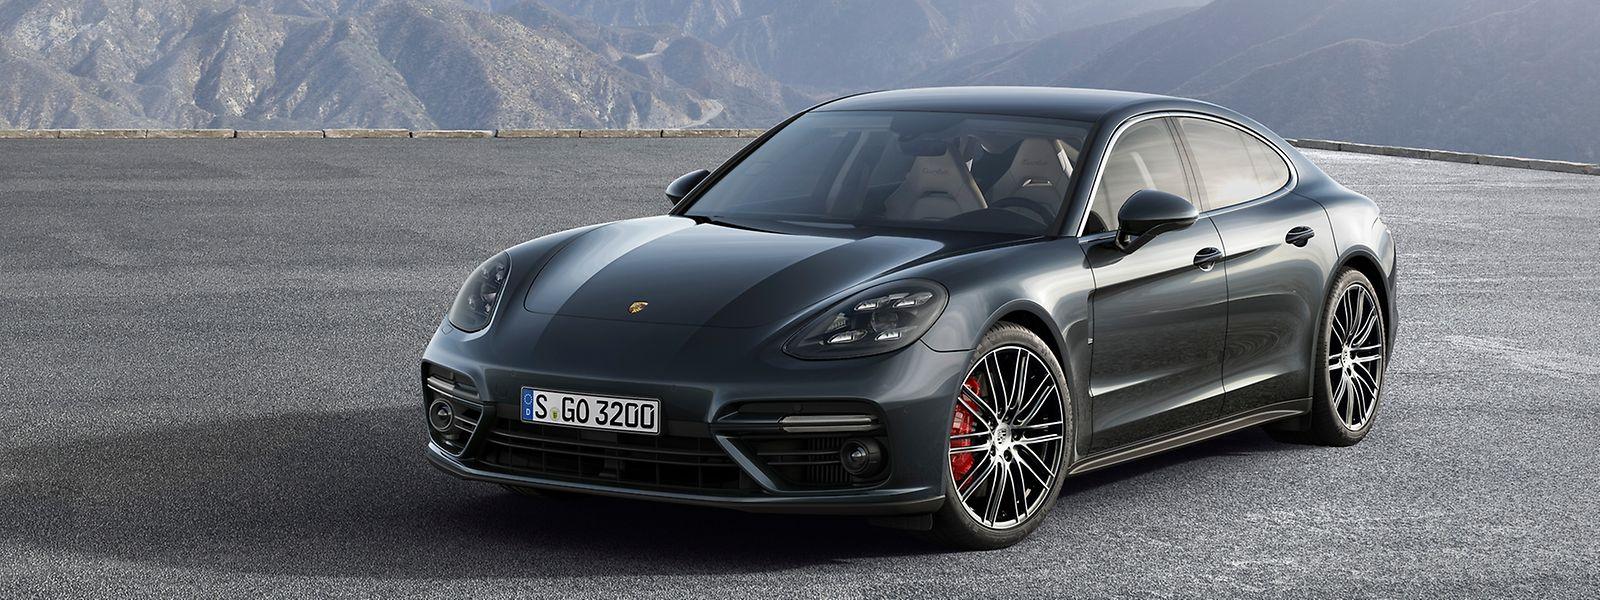 Der neue Porsche Panamera wirkt dank seiner flacheren Dachlinie deutlich harmonischer als das aktuelle Modell.